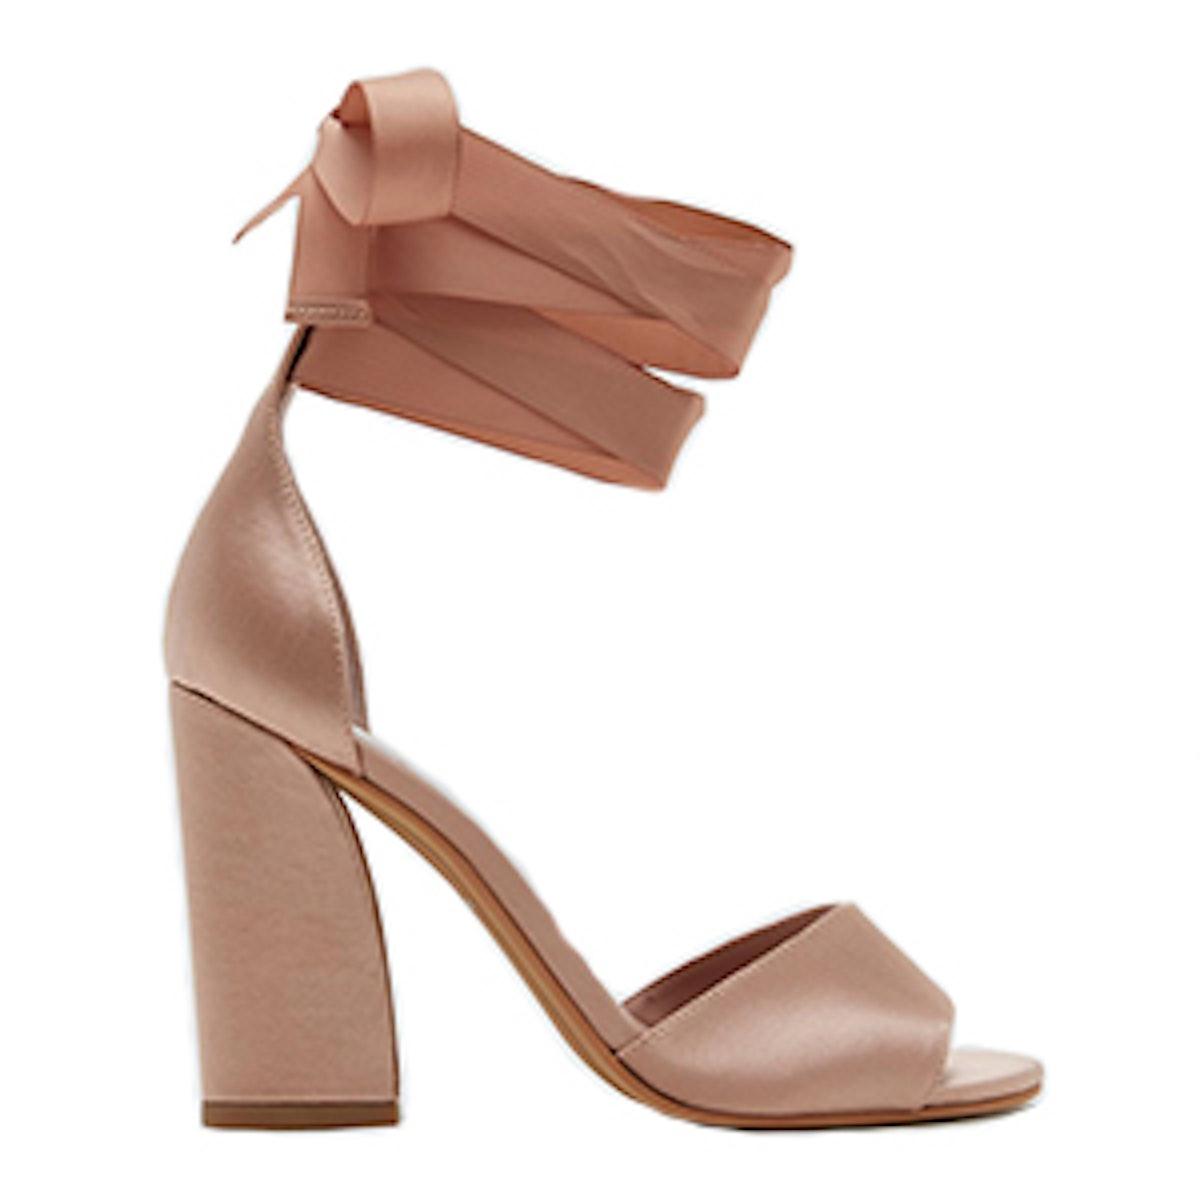 Harvyy Heels